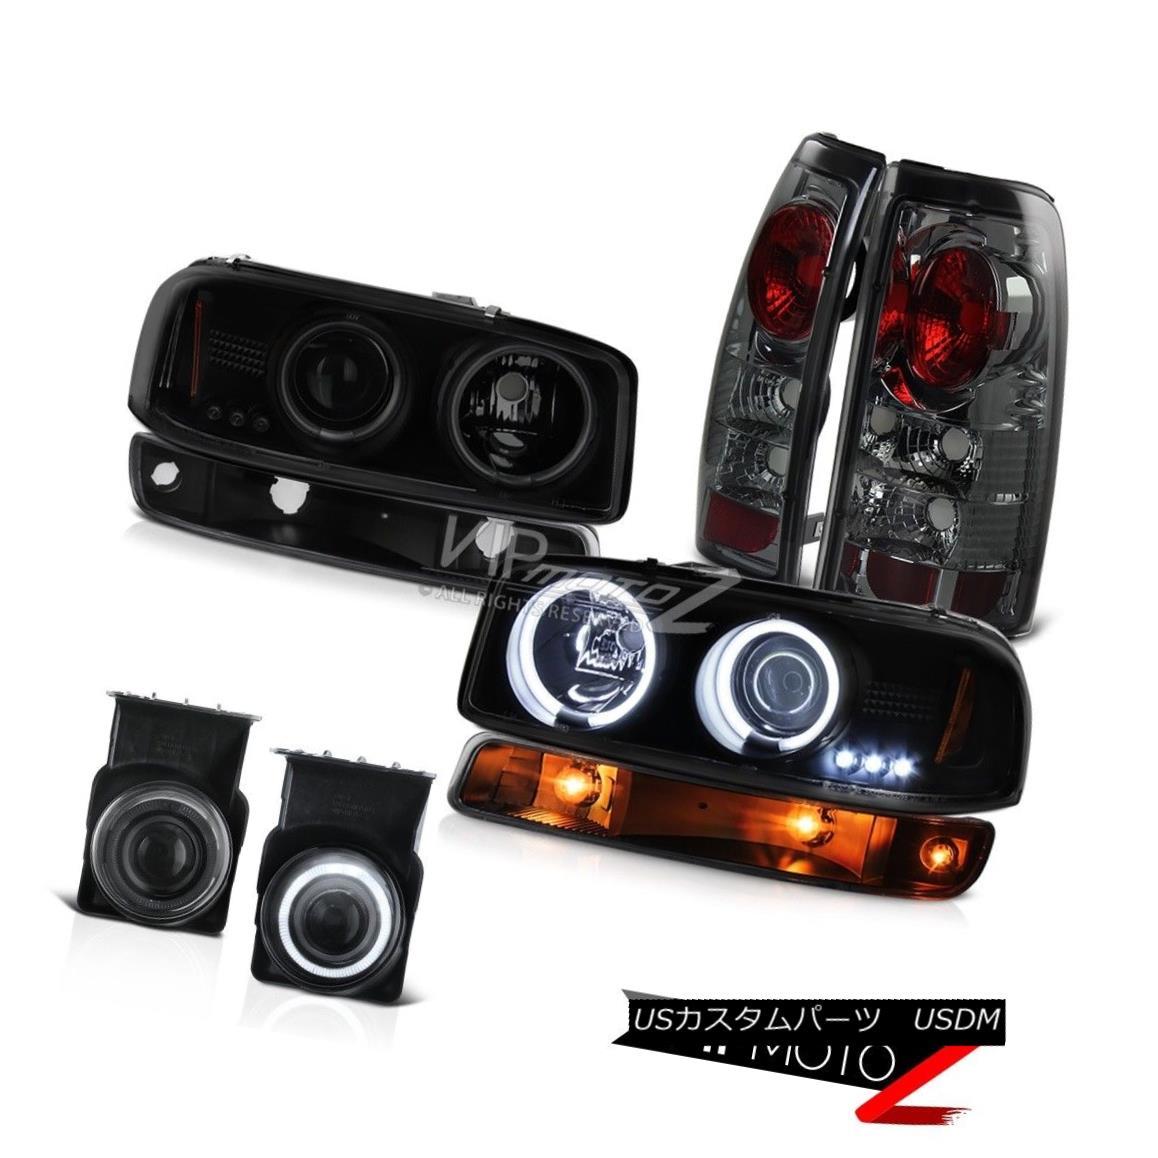 ヘッドライト 03 04 05 06 Sierra SL Smokey foglights taillights turn signal ccfl headlamps 03 04 05 06 Sierra SLスモーキー・フォグライト・テールライト・シグナルccflヘッドライト